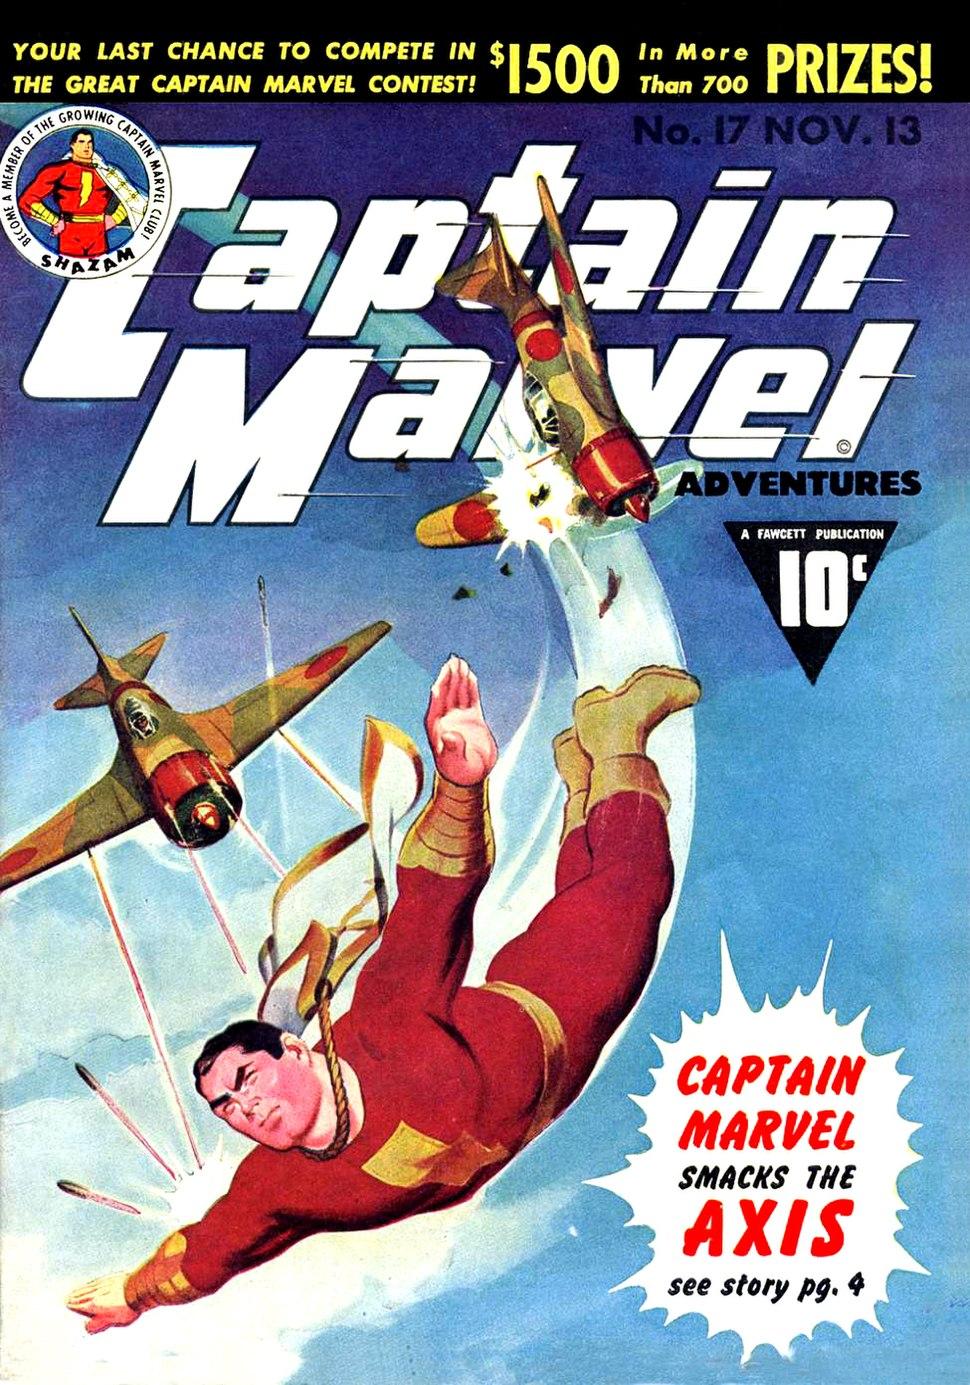 CaptainMarvel17